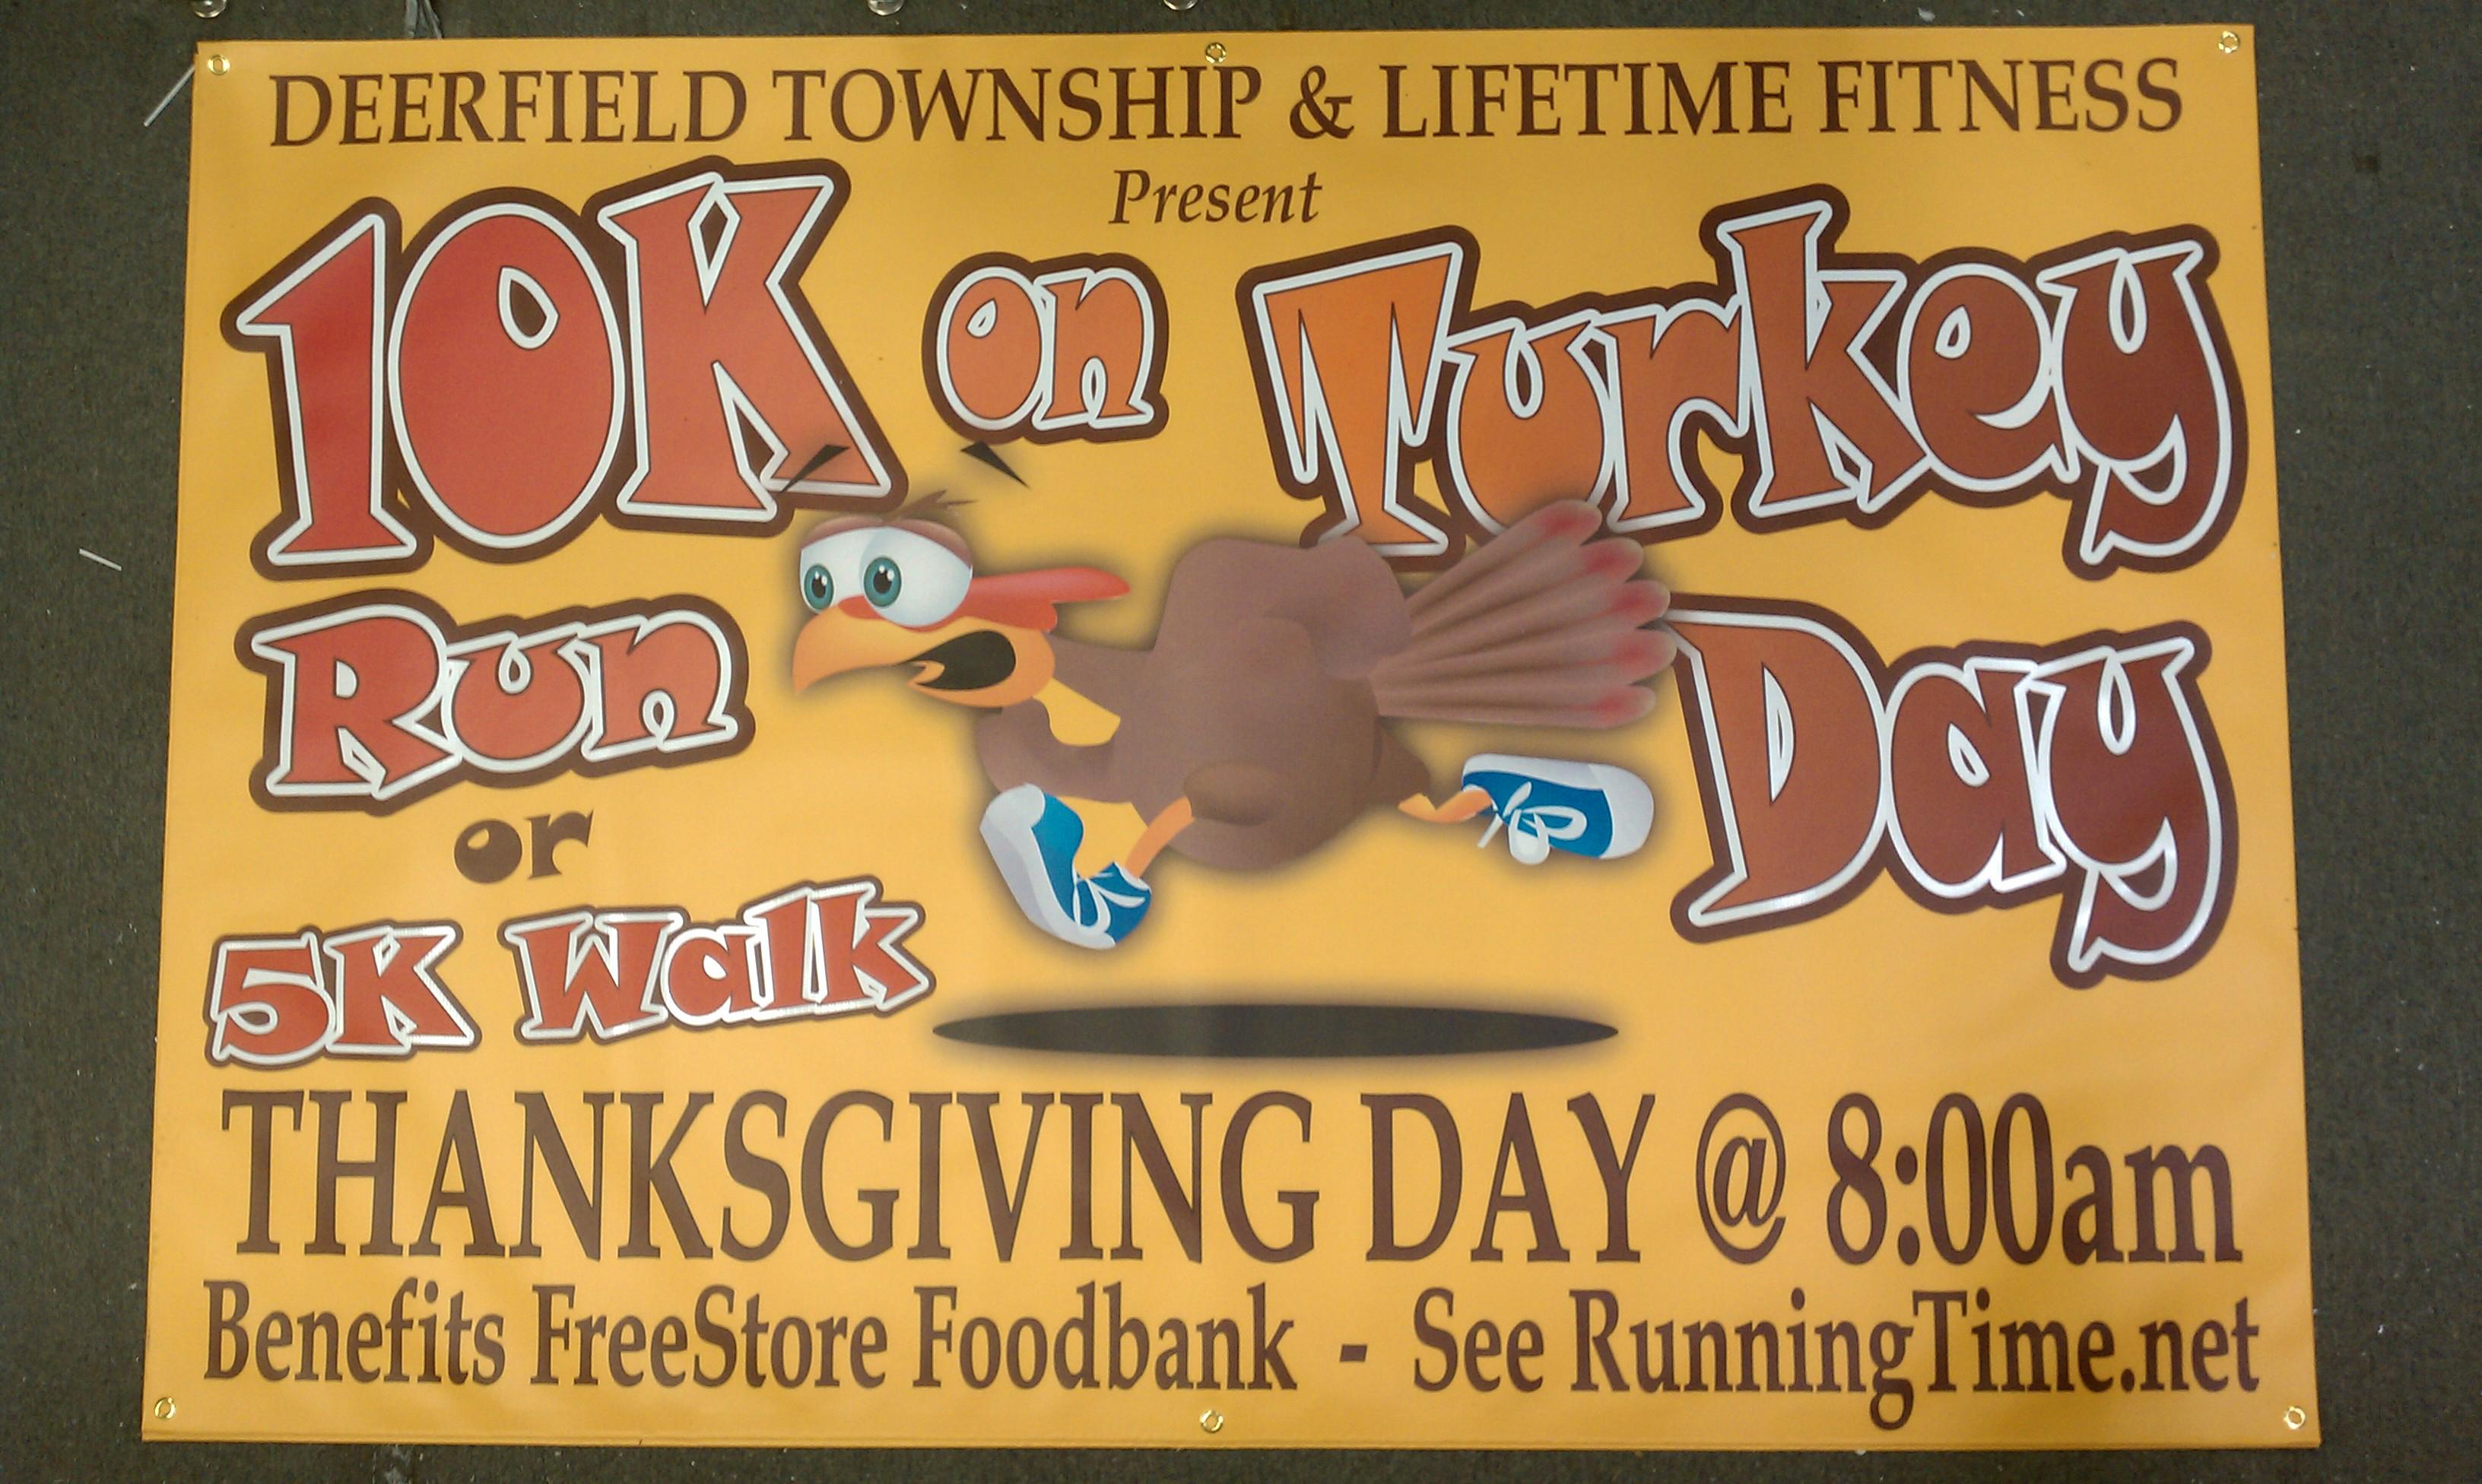 Turkeyfoot banner